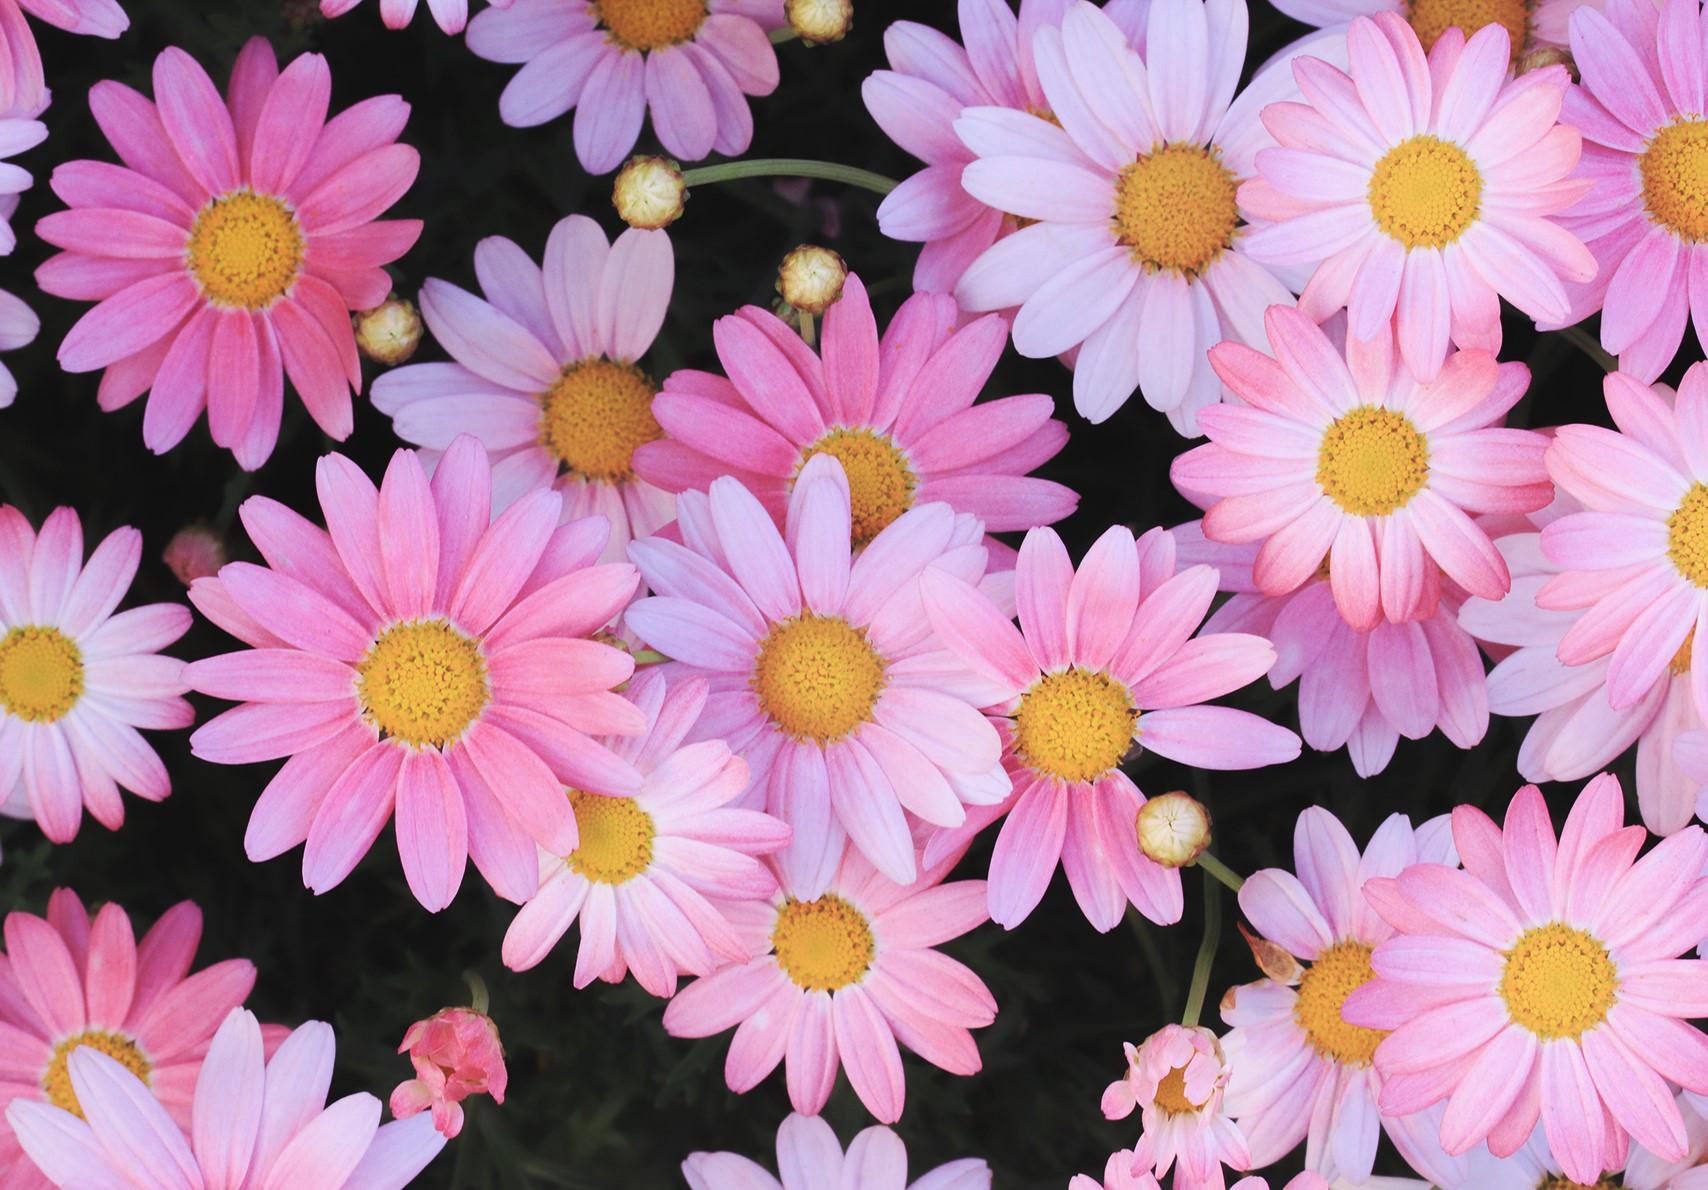 フラワーパーク浦島の開花状況は?人気の花摘み・アクセス・営業時間など紹介!